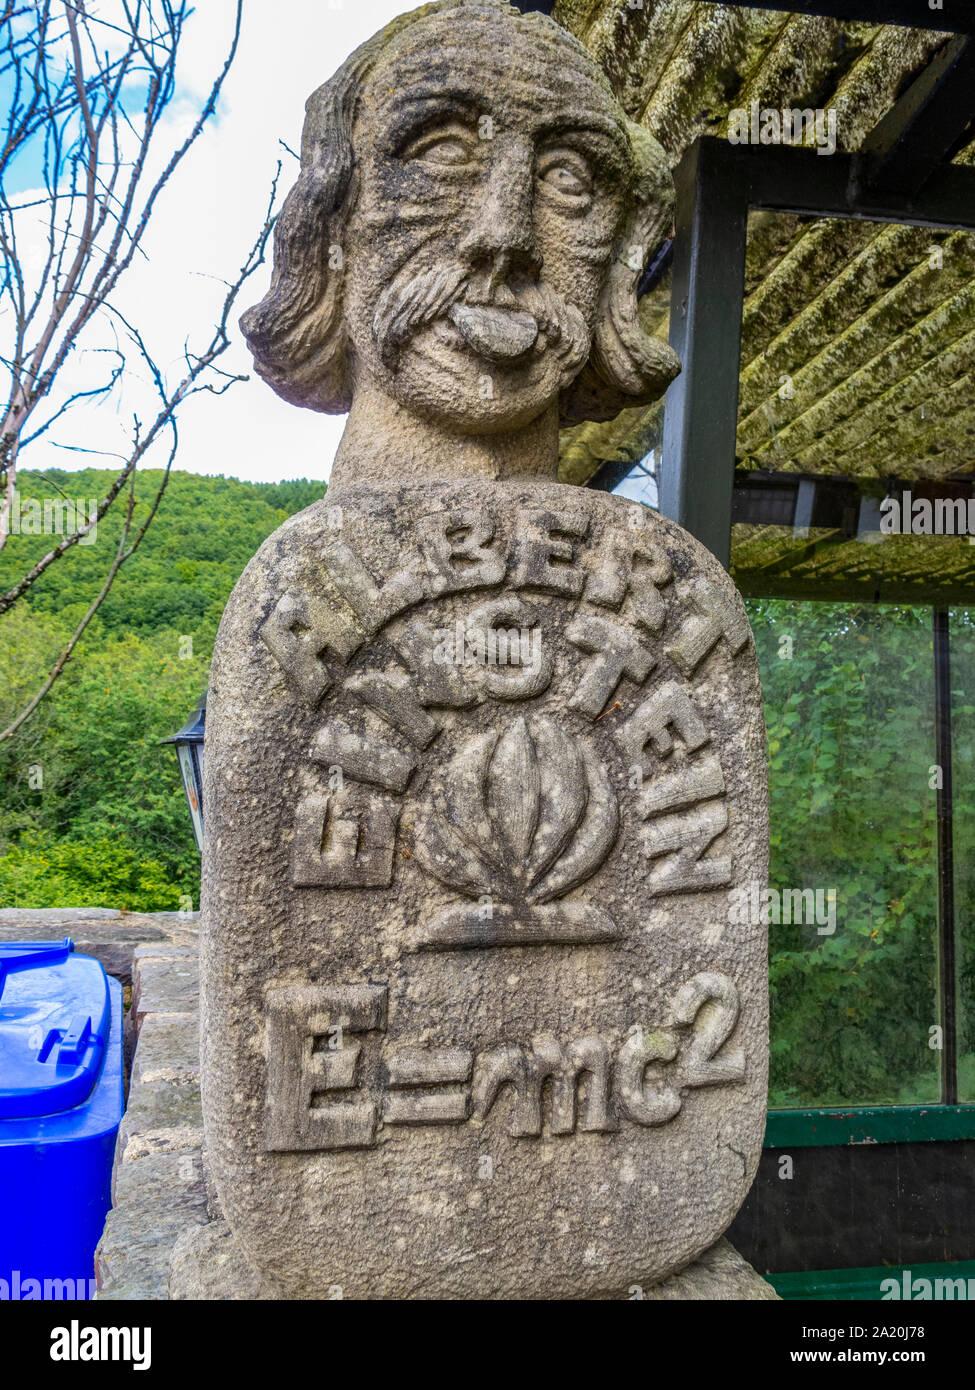 IRRHAUSEN, Deutschland - 15. SEPTEMBER 2013: Albert Einstein, seine Zunge stucking Denkmal mit der Masse - Energie Gleichwertigkeit neben einer Bushaltestelle, Bitburg Stockfoto